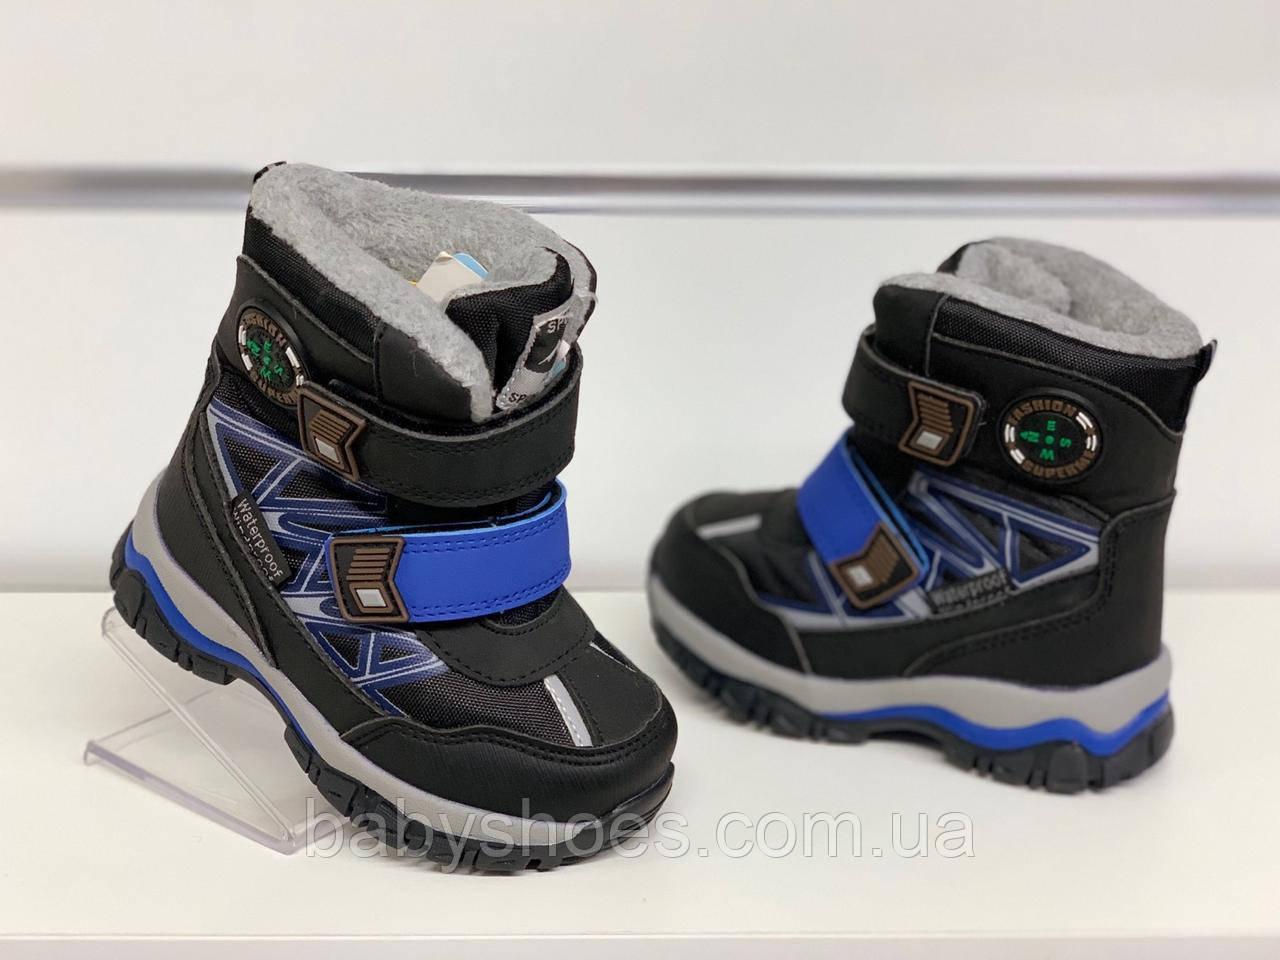 Зимние термо-ботинки, сноубутсы для мальчика Tom.m  р.23-30